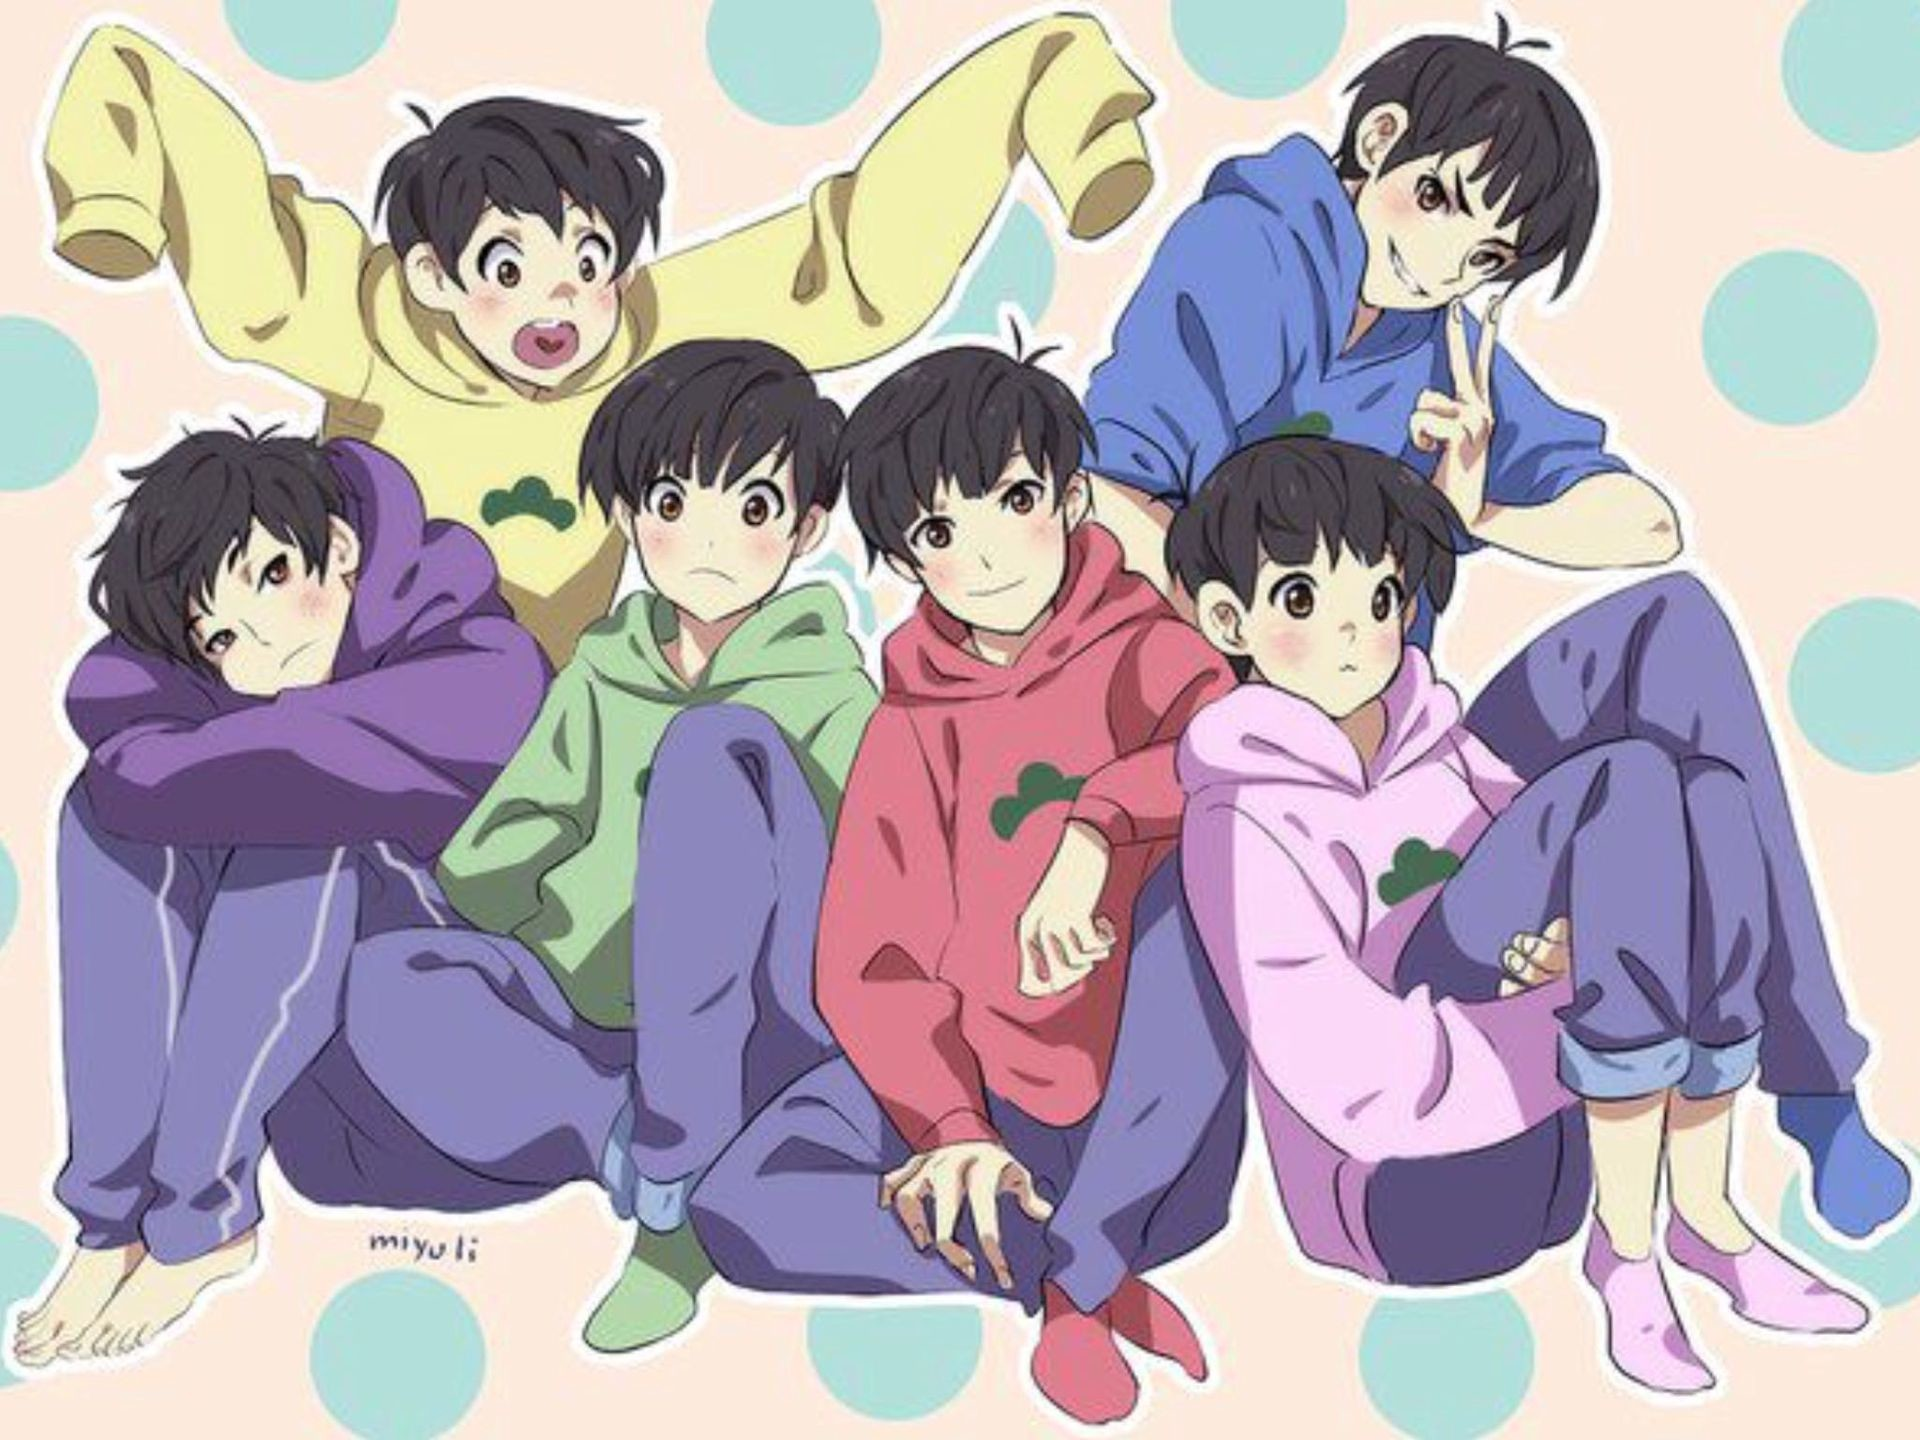 #choromatsu #ichimatsu #jyushimatsu #karamatsu #love #osomatsu #osomatsu-san  #readerxcharacter #todomatsu